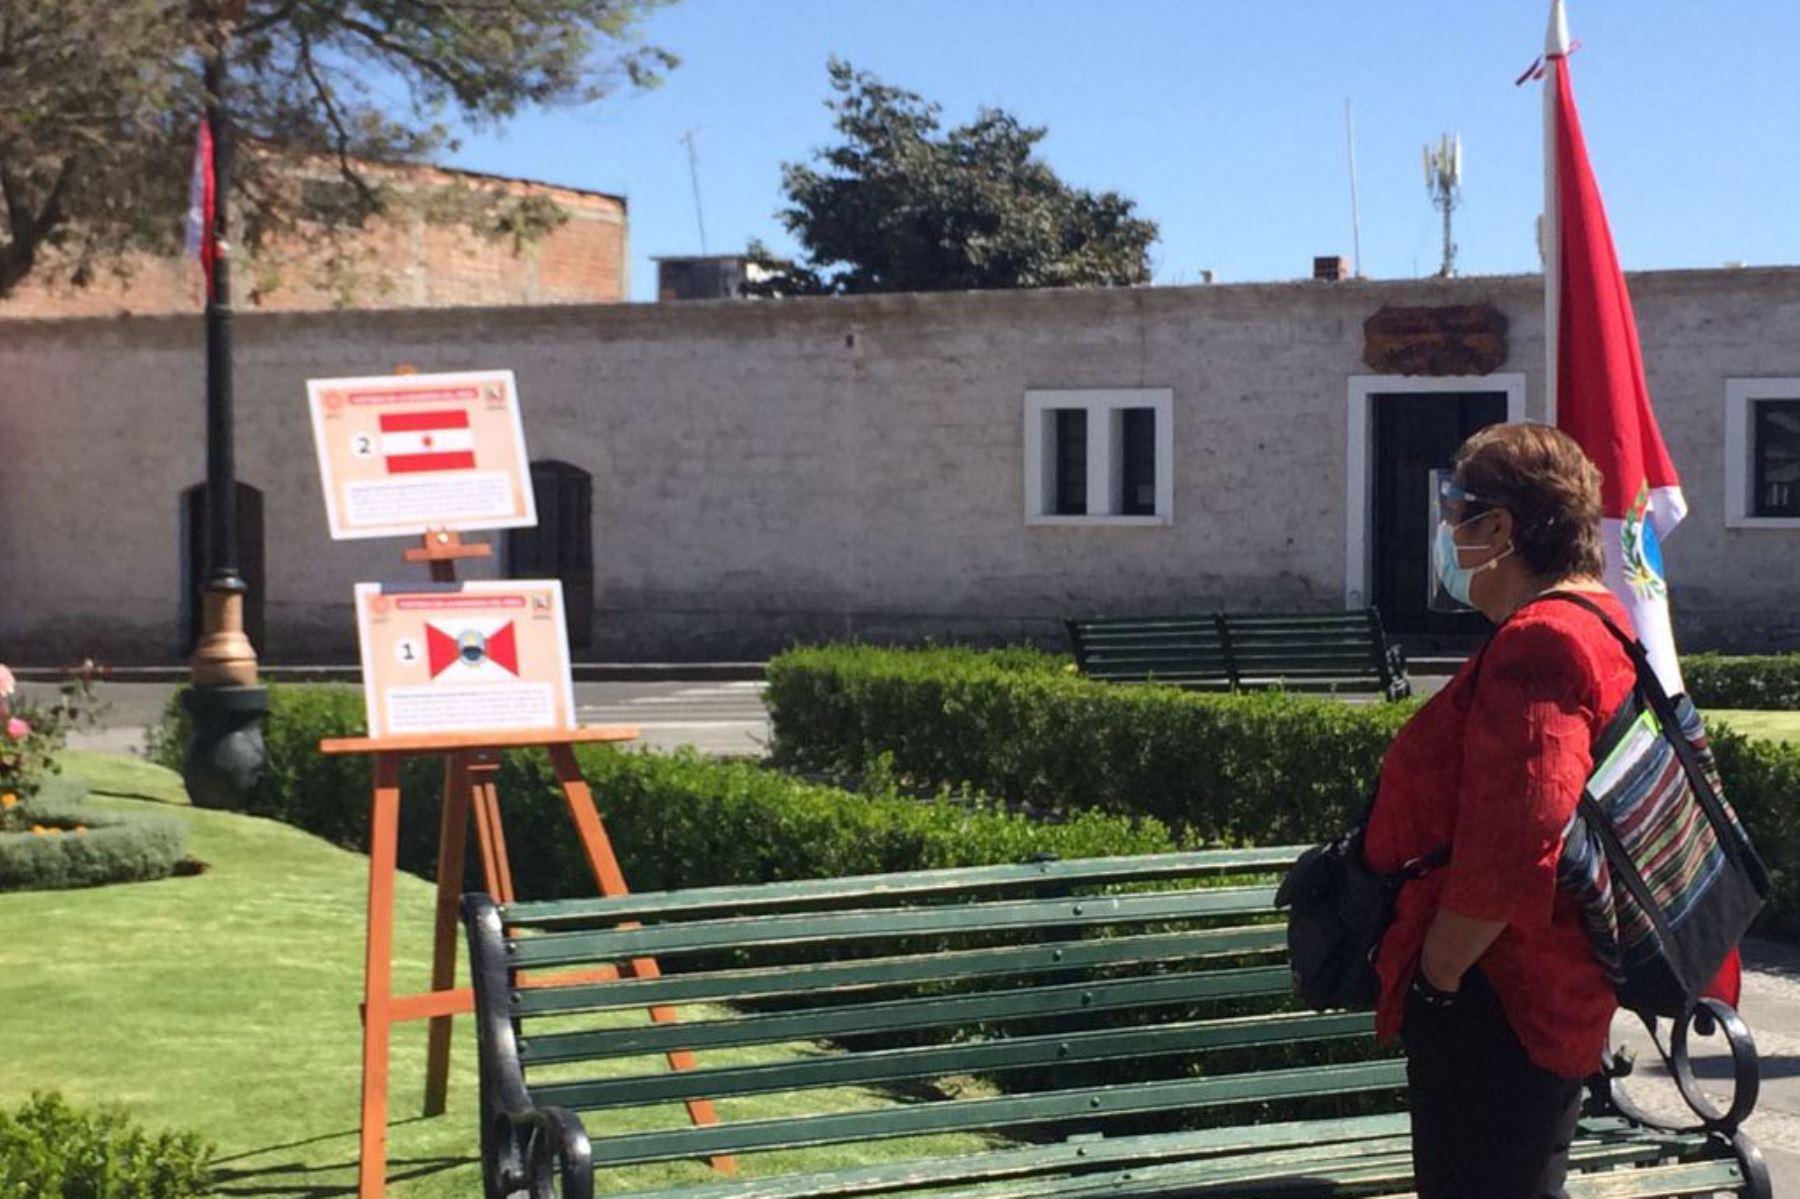 Los visitantes y lugareños pueden apreciar las banderas peruanas en la plaza de Cayma, región Arequipa. Foto: Cortesía Rocío Méndez